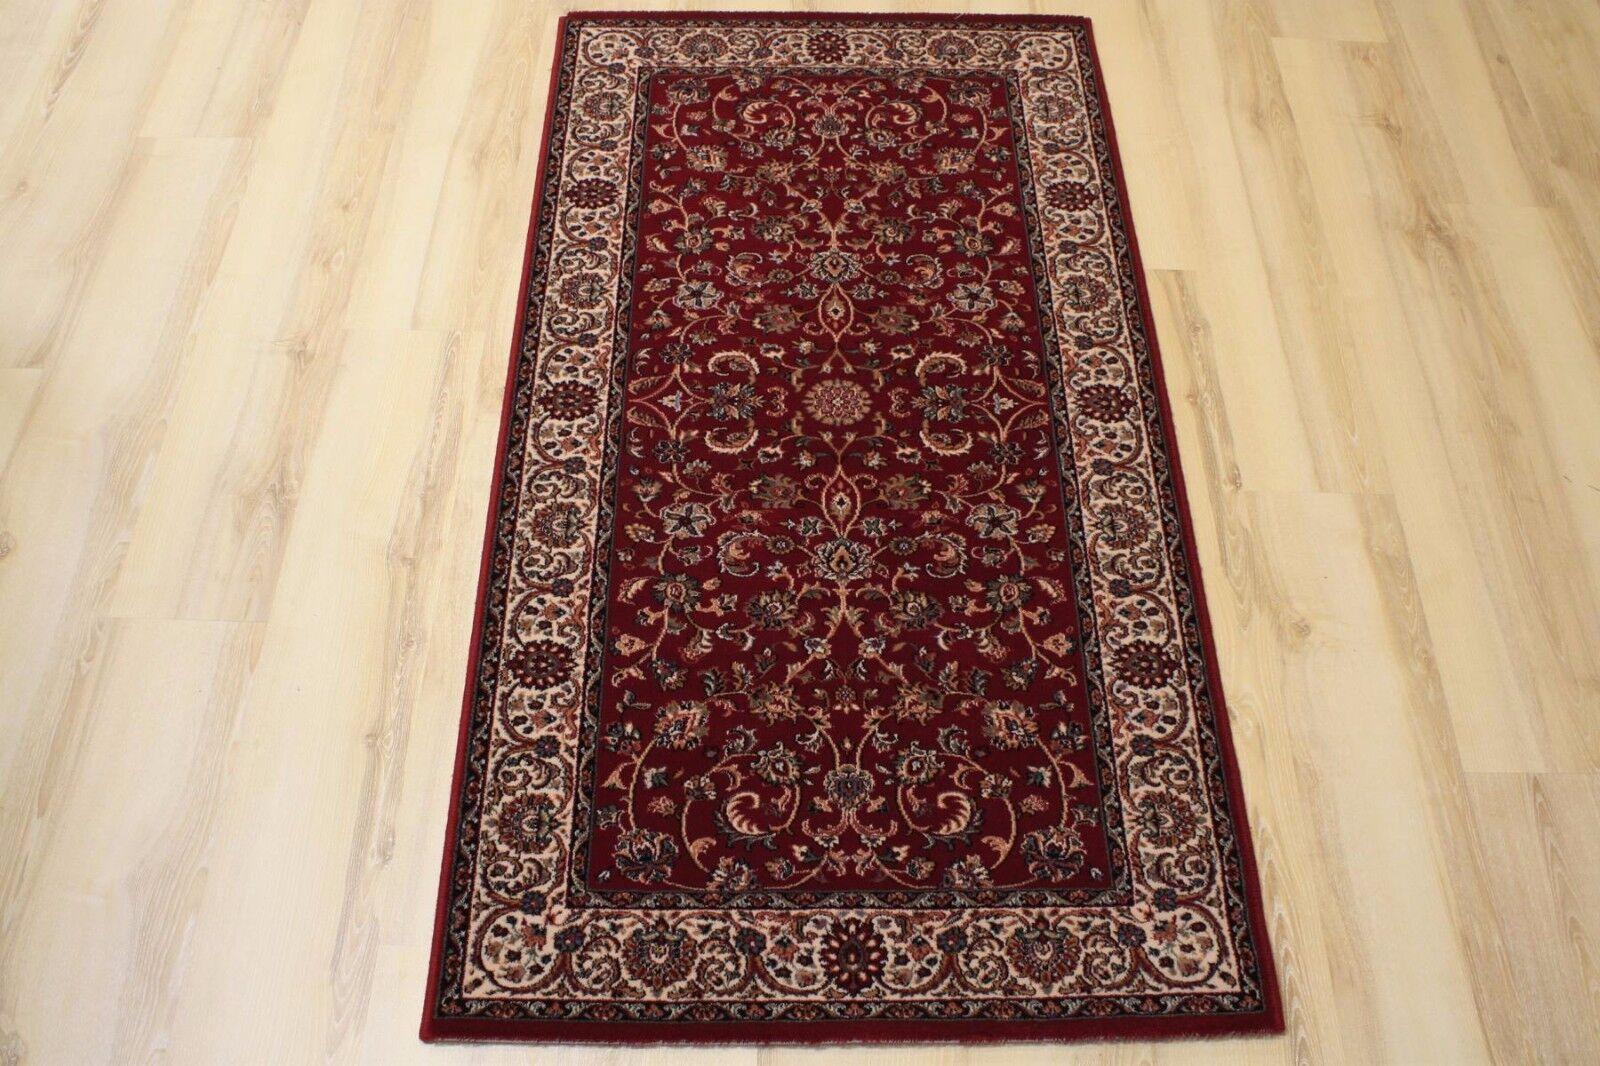 Lano Lano Lano Teppich Farsistan 5604 677 Orient 63x135 cm klassisch 100% Schurwolle 4071d7